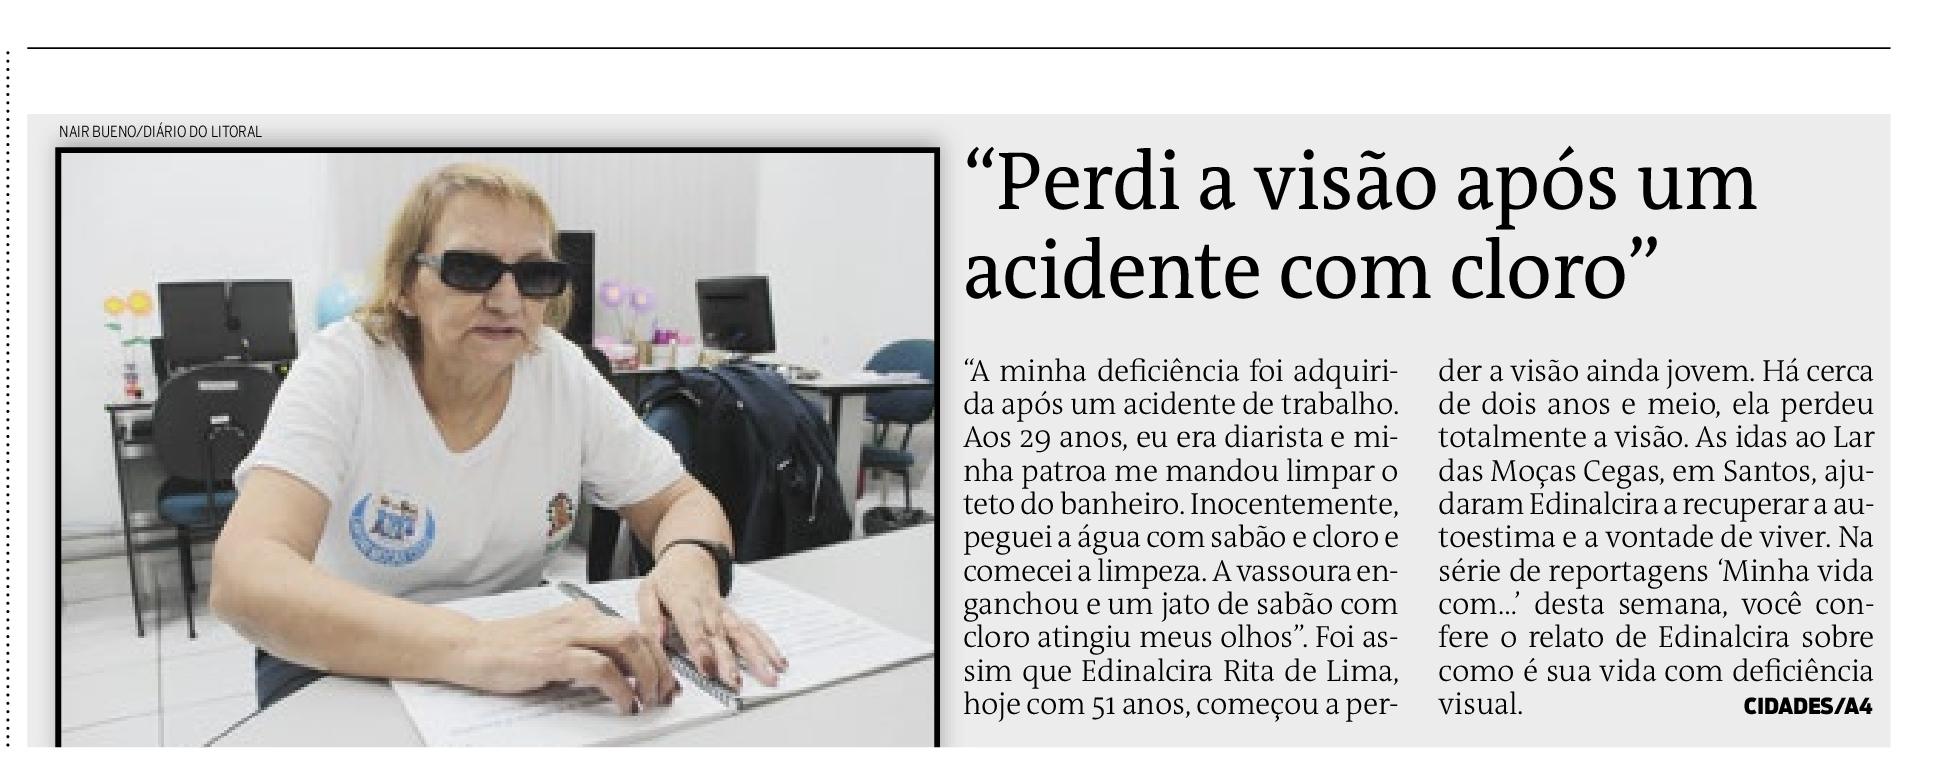 Aluna do Lar das Moças Cegas tem história de superação divulgada na imprensa